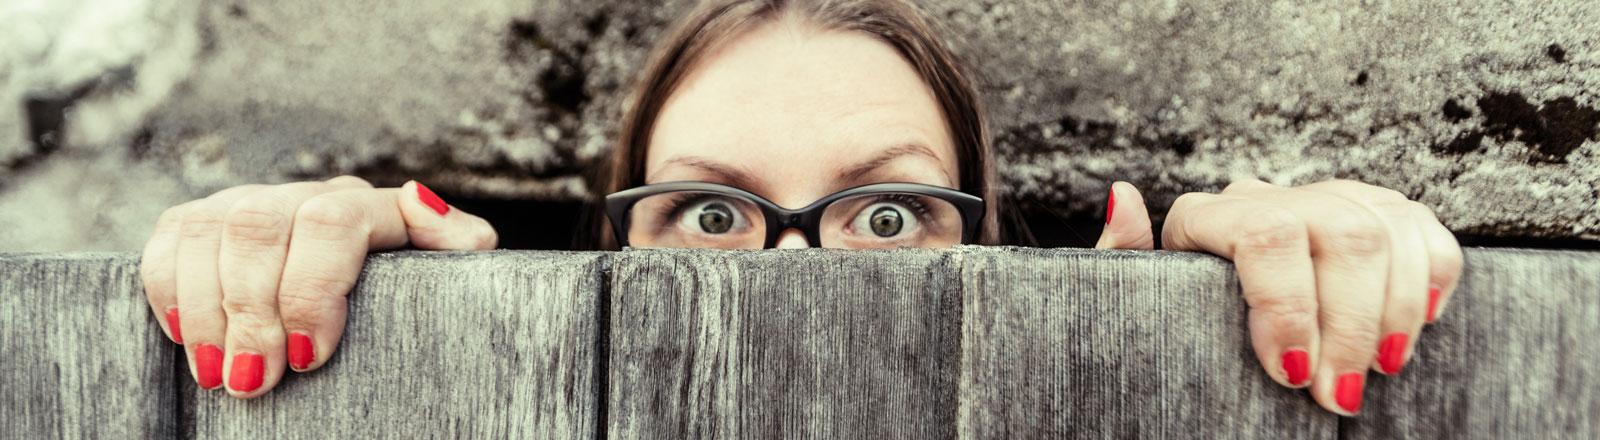 Eine Frau guckt ängstlich über einen Zaun.